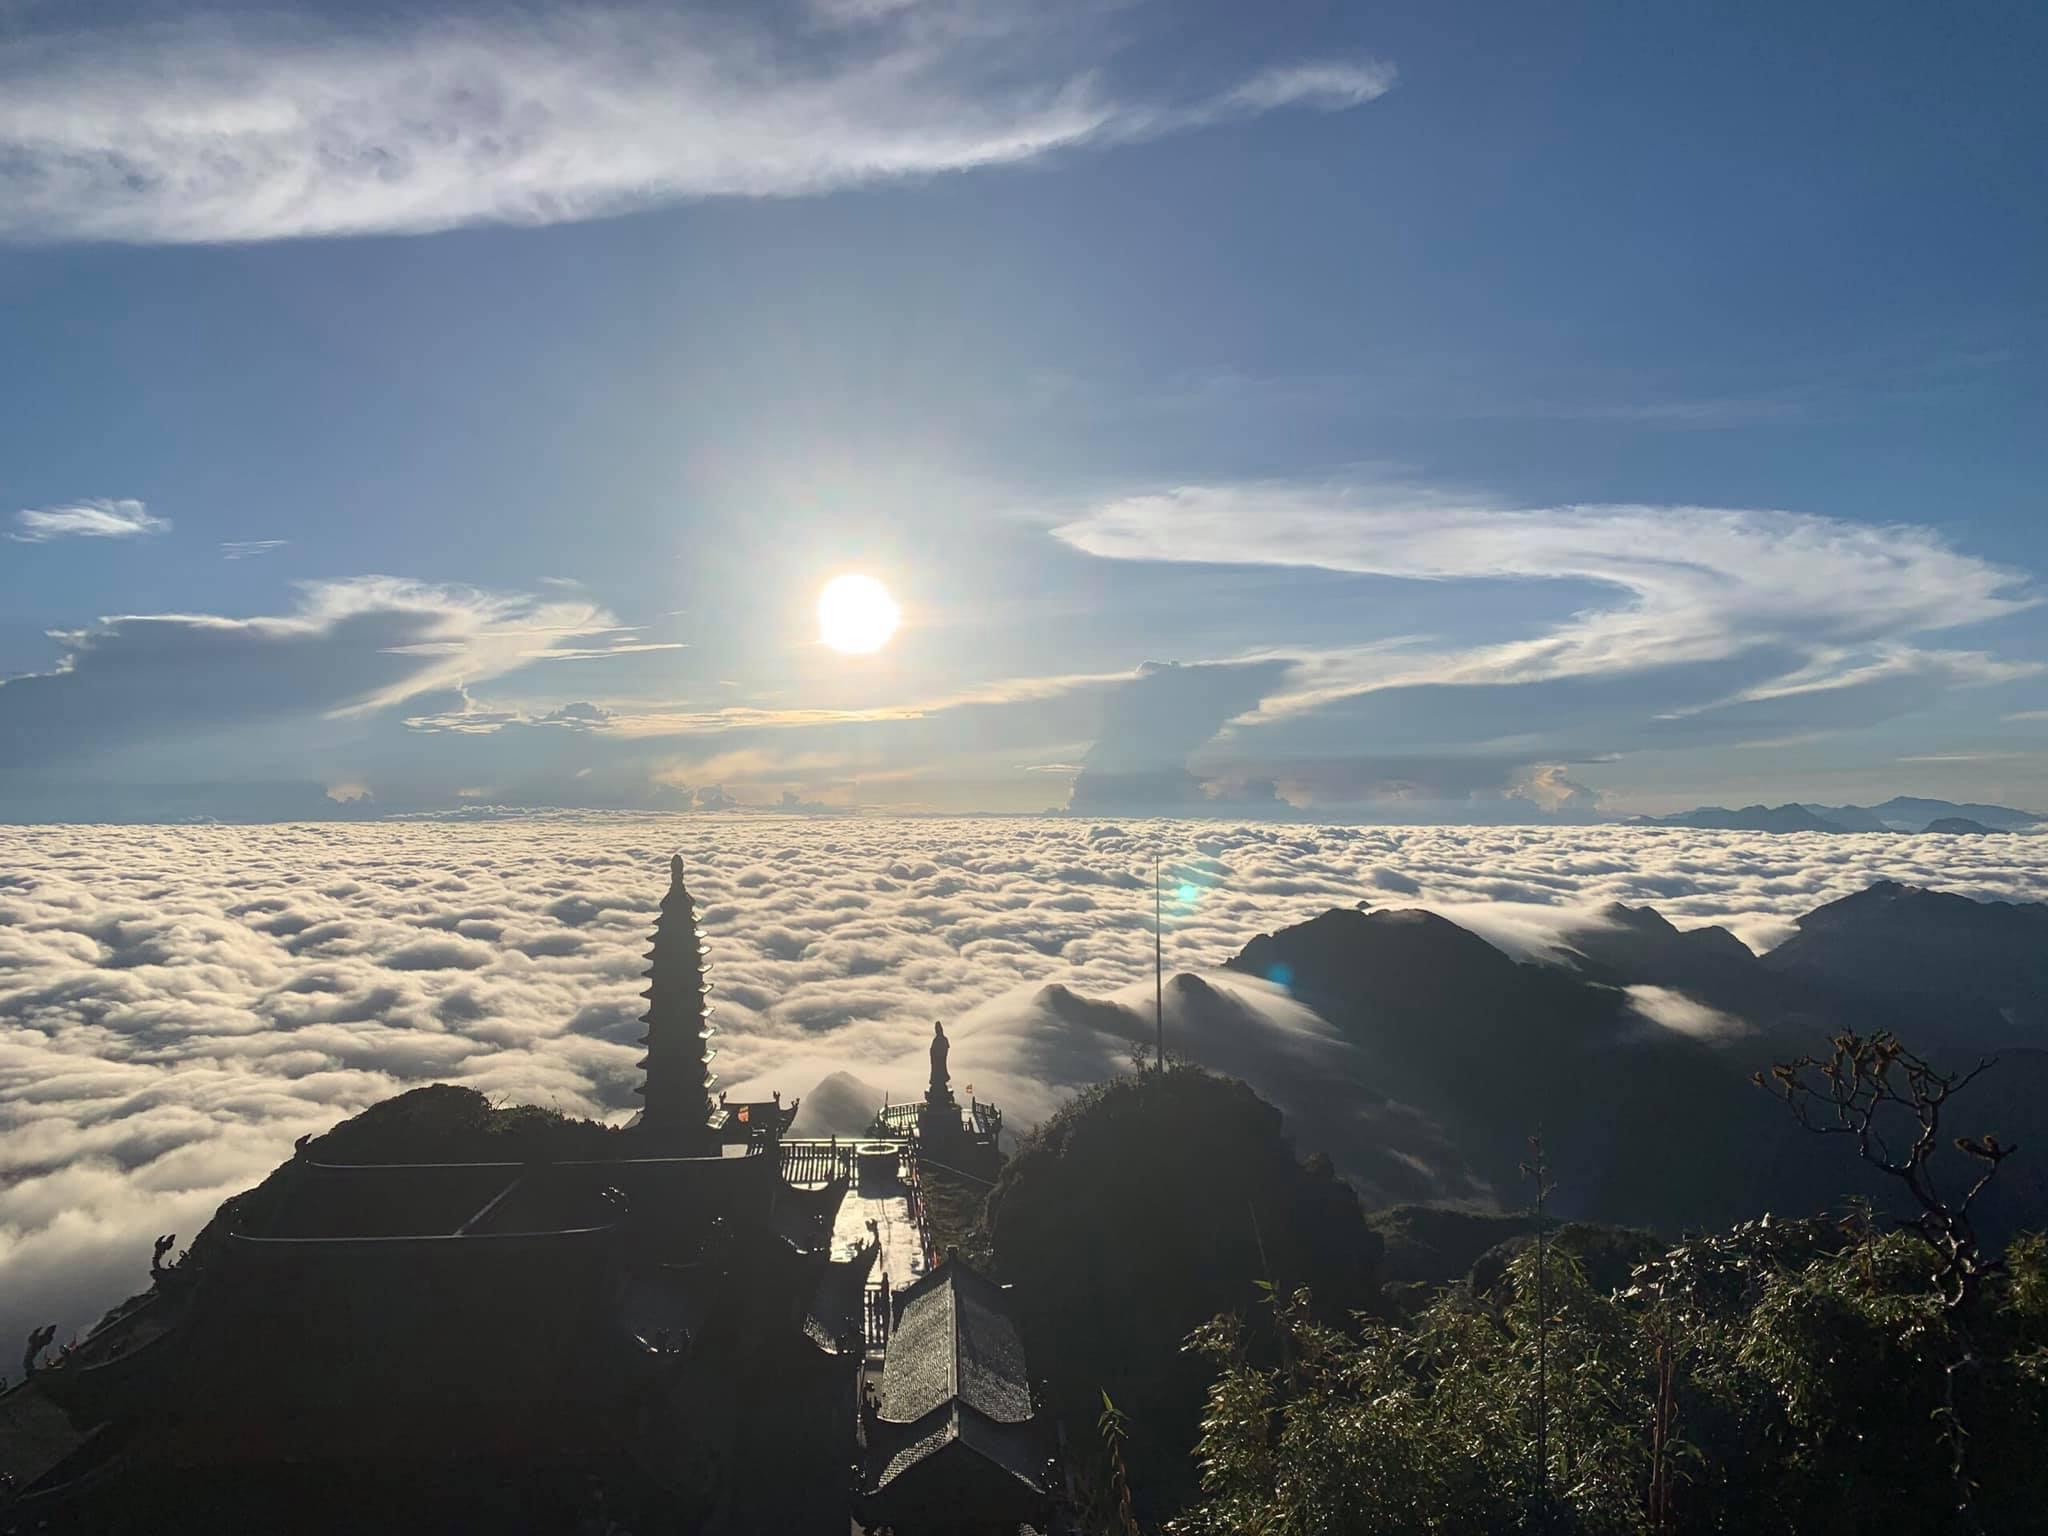 Lên Sapa tháng 10 này để hòa mình vào mùa đặc biệt nhất năm: Mùa mây